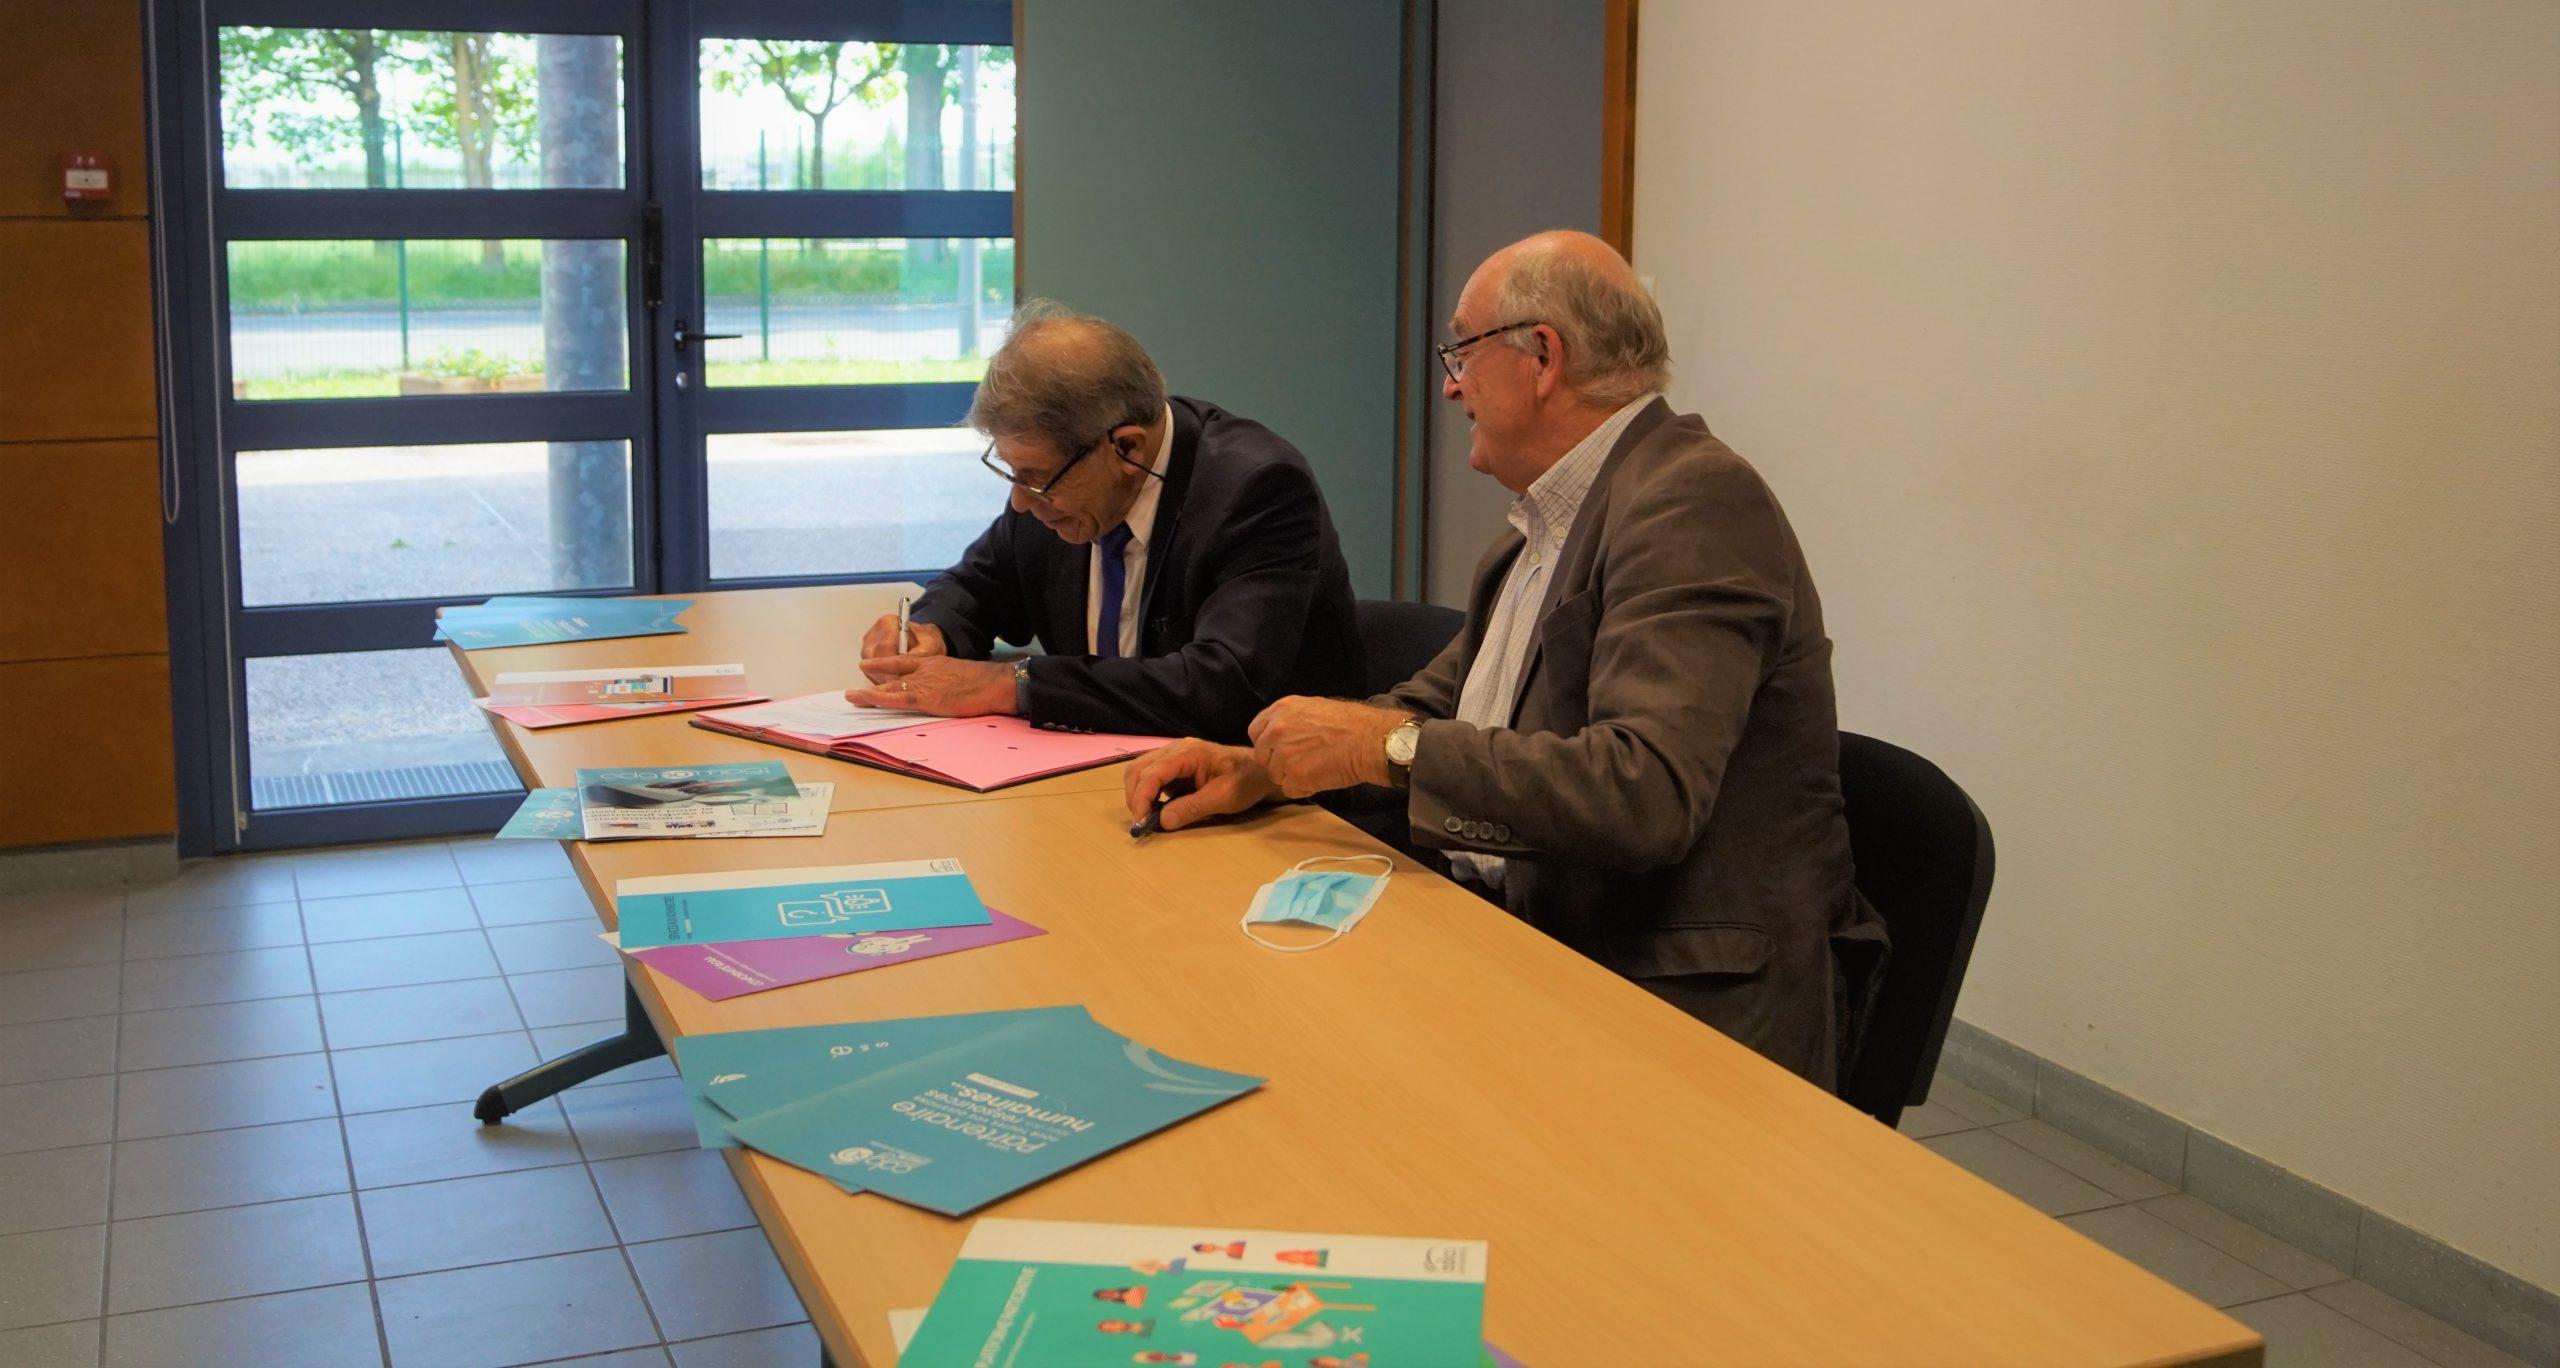 Le Centre de Gestion de l'Oise et l'Adico officialisent leur partenariat !